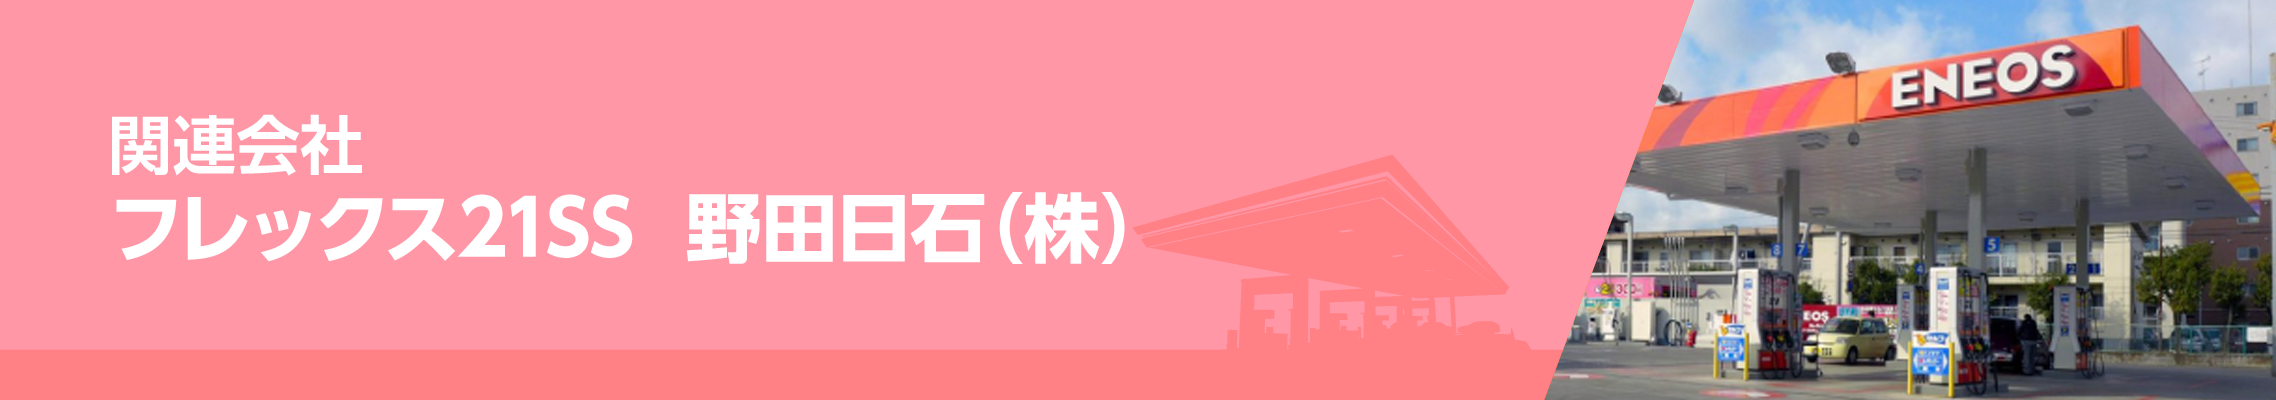 フレックス21SS 野田日石(株)